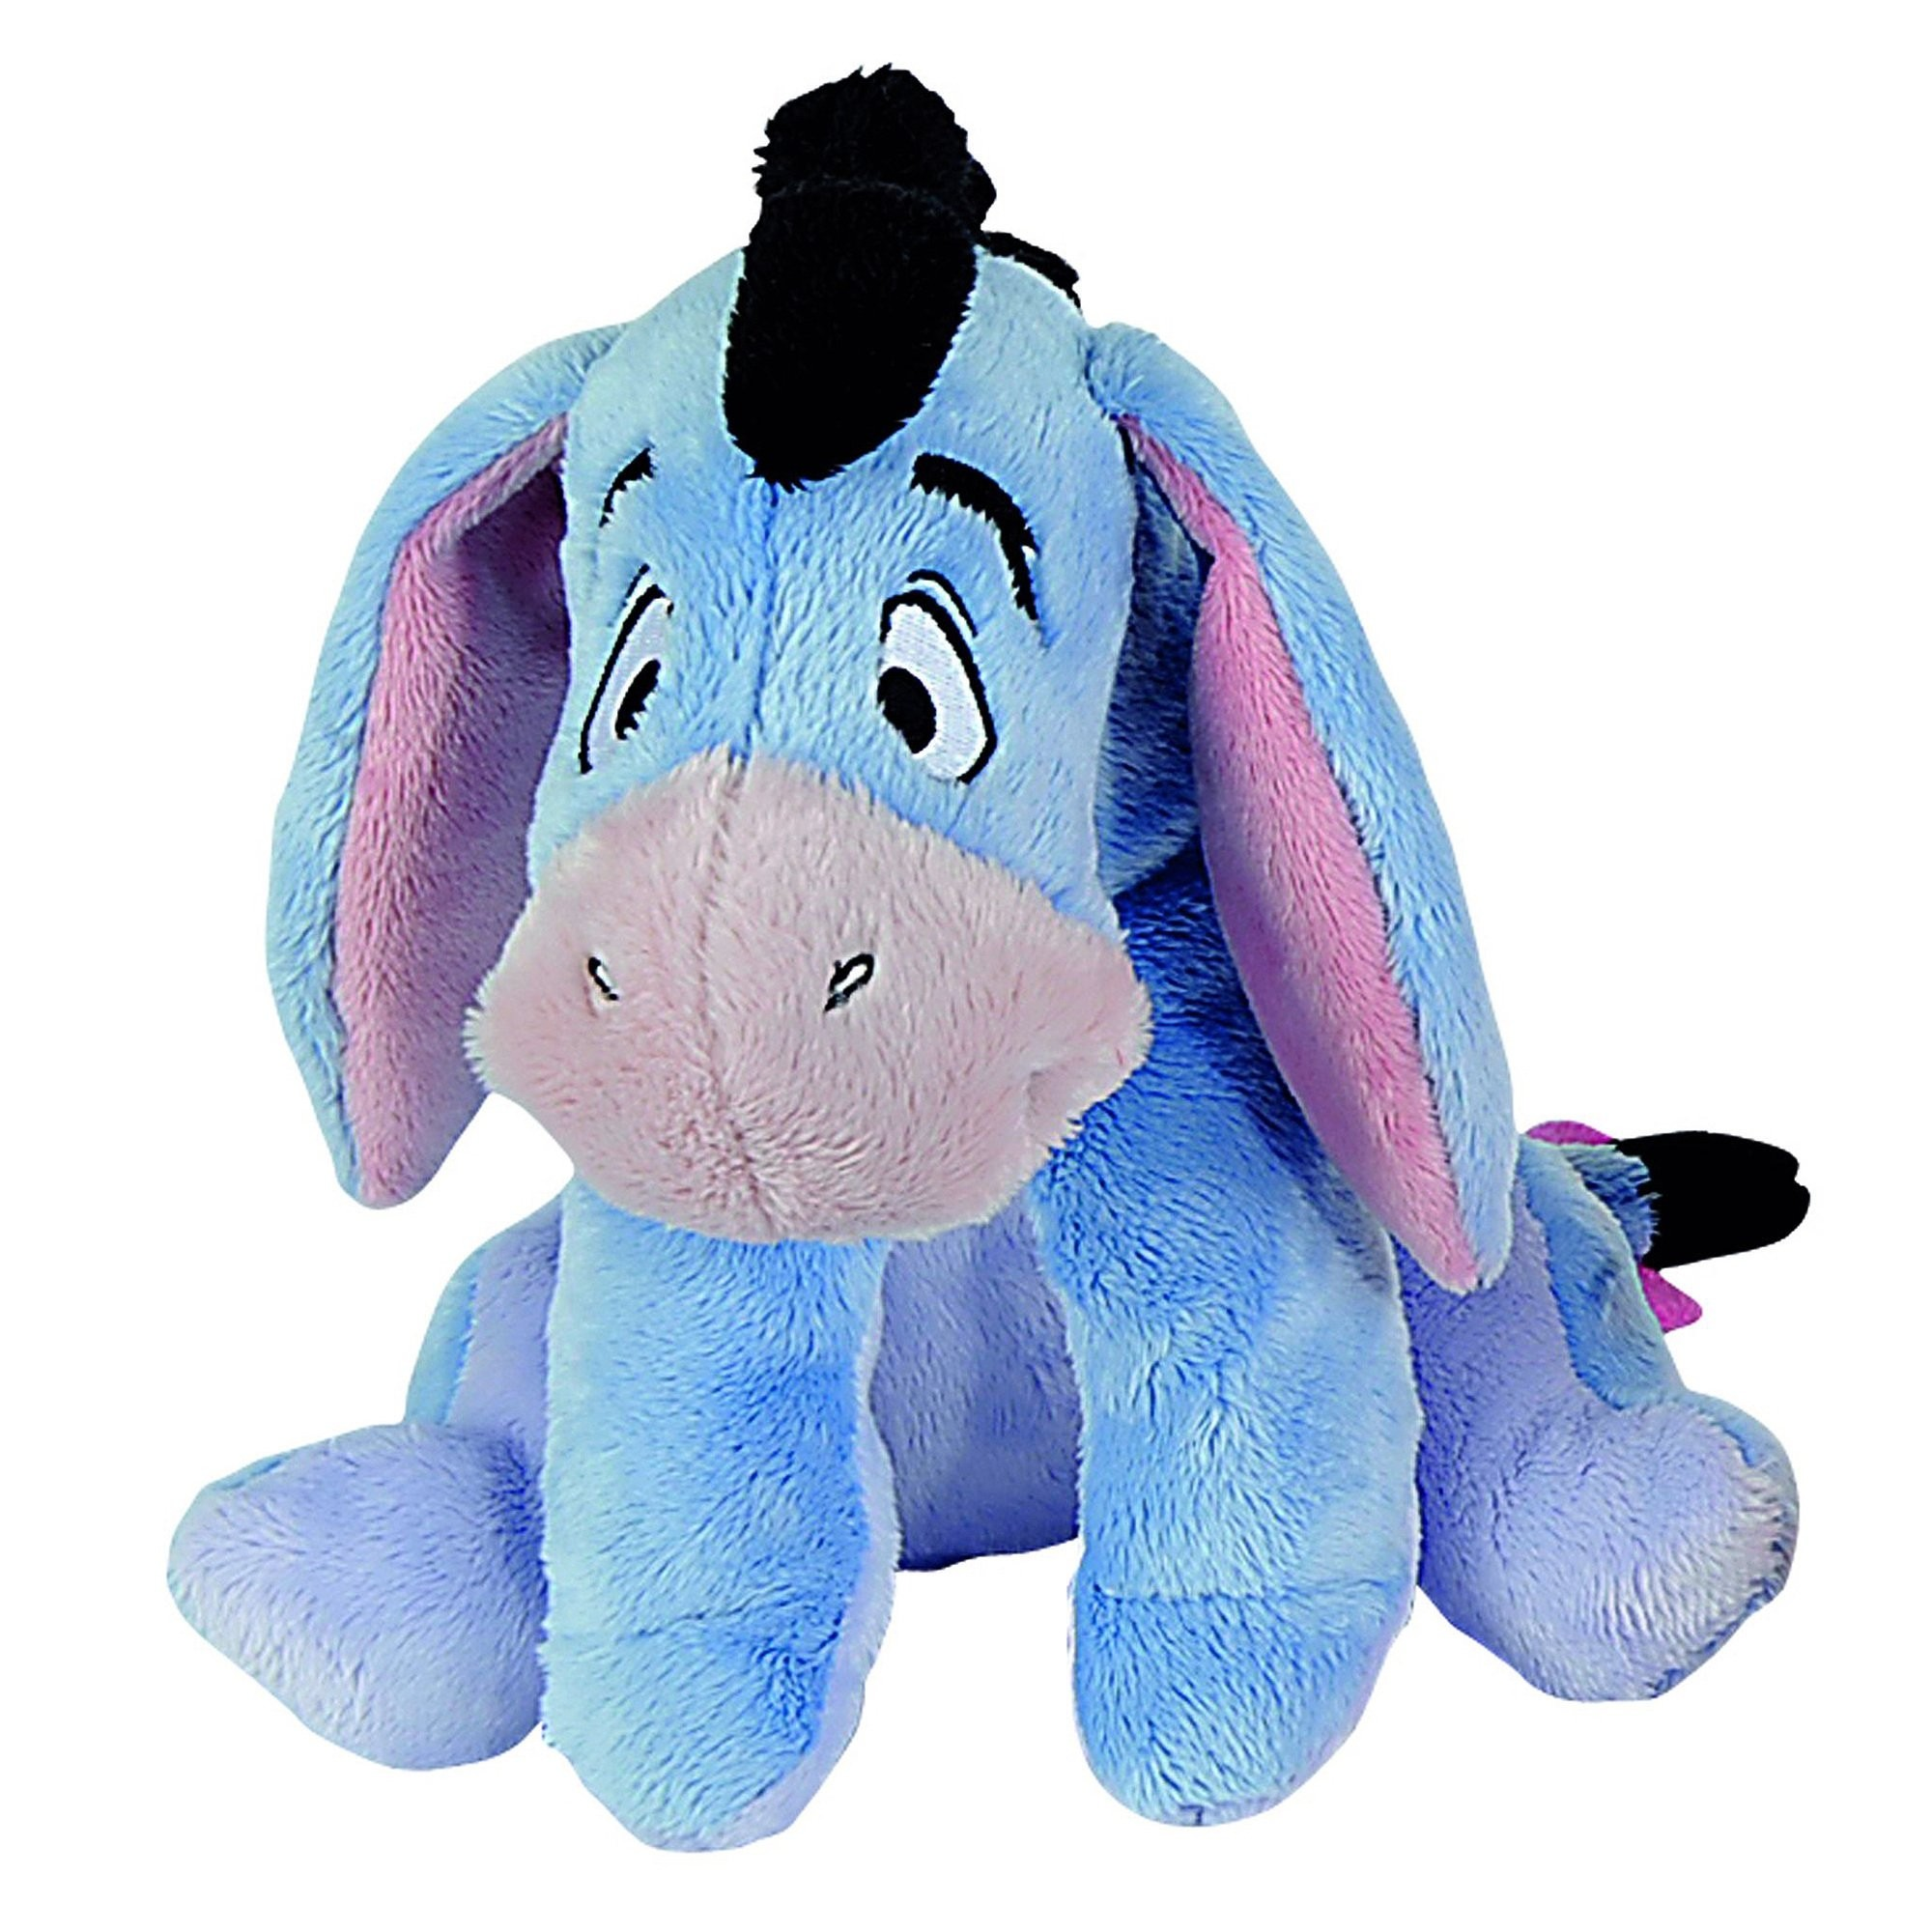 Мягкая игрушка Nicotoy Ушастик 20см 5874223 цена